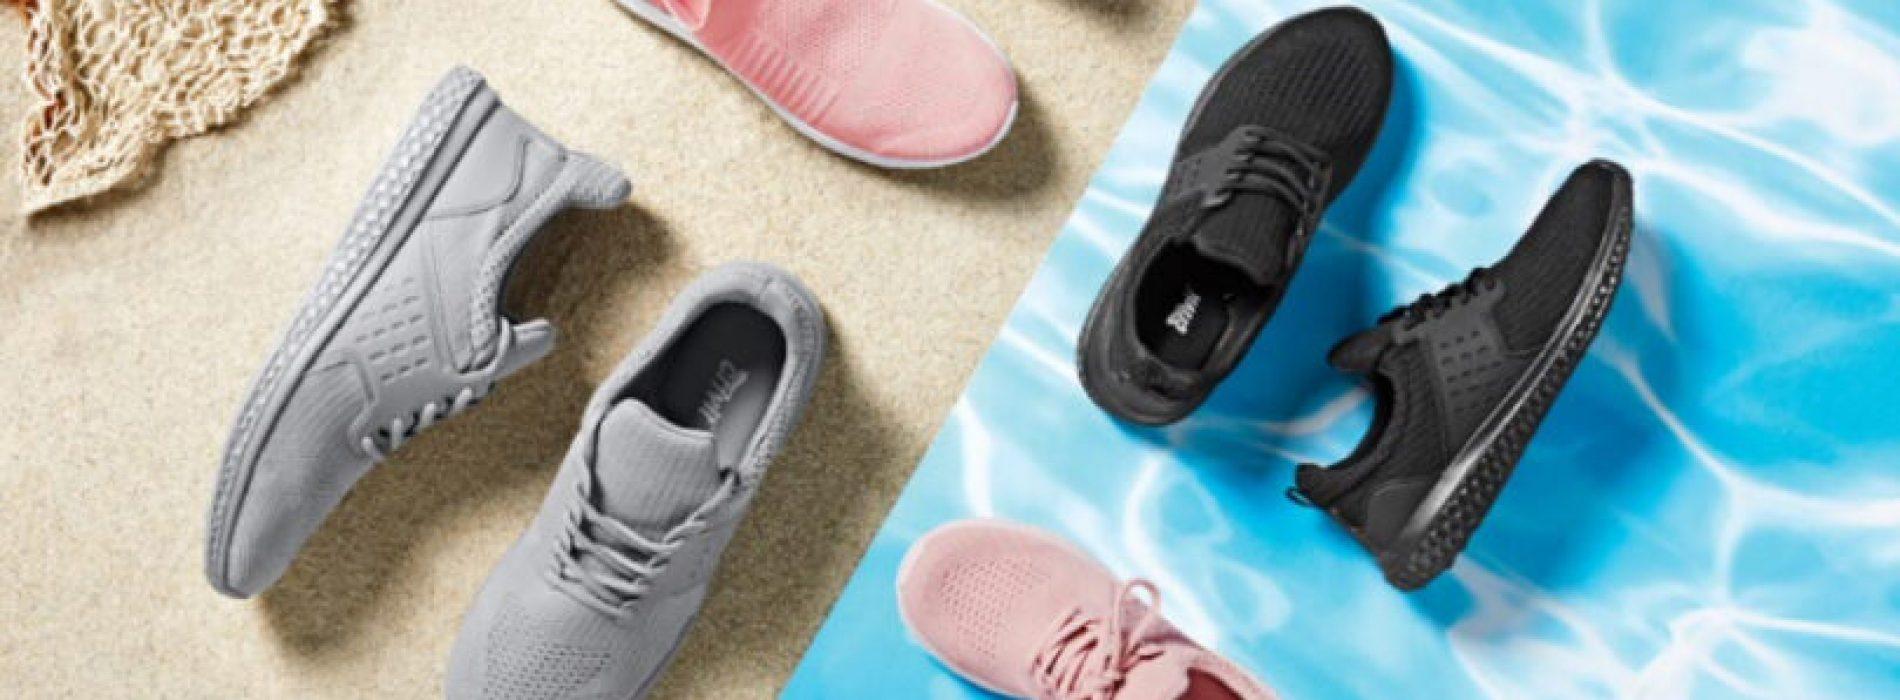 Lidl lança ténis de marca própria feitos com plástico reciclado